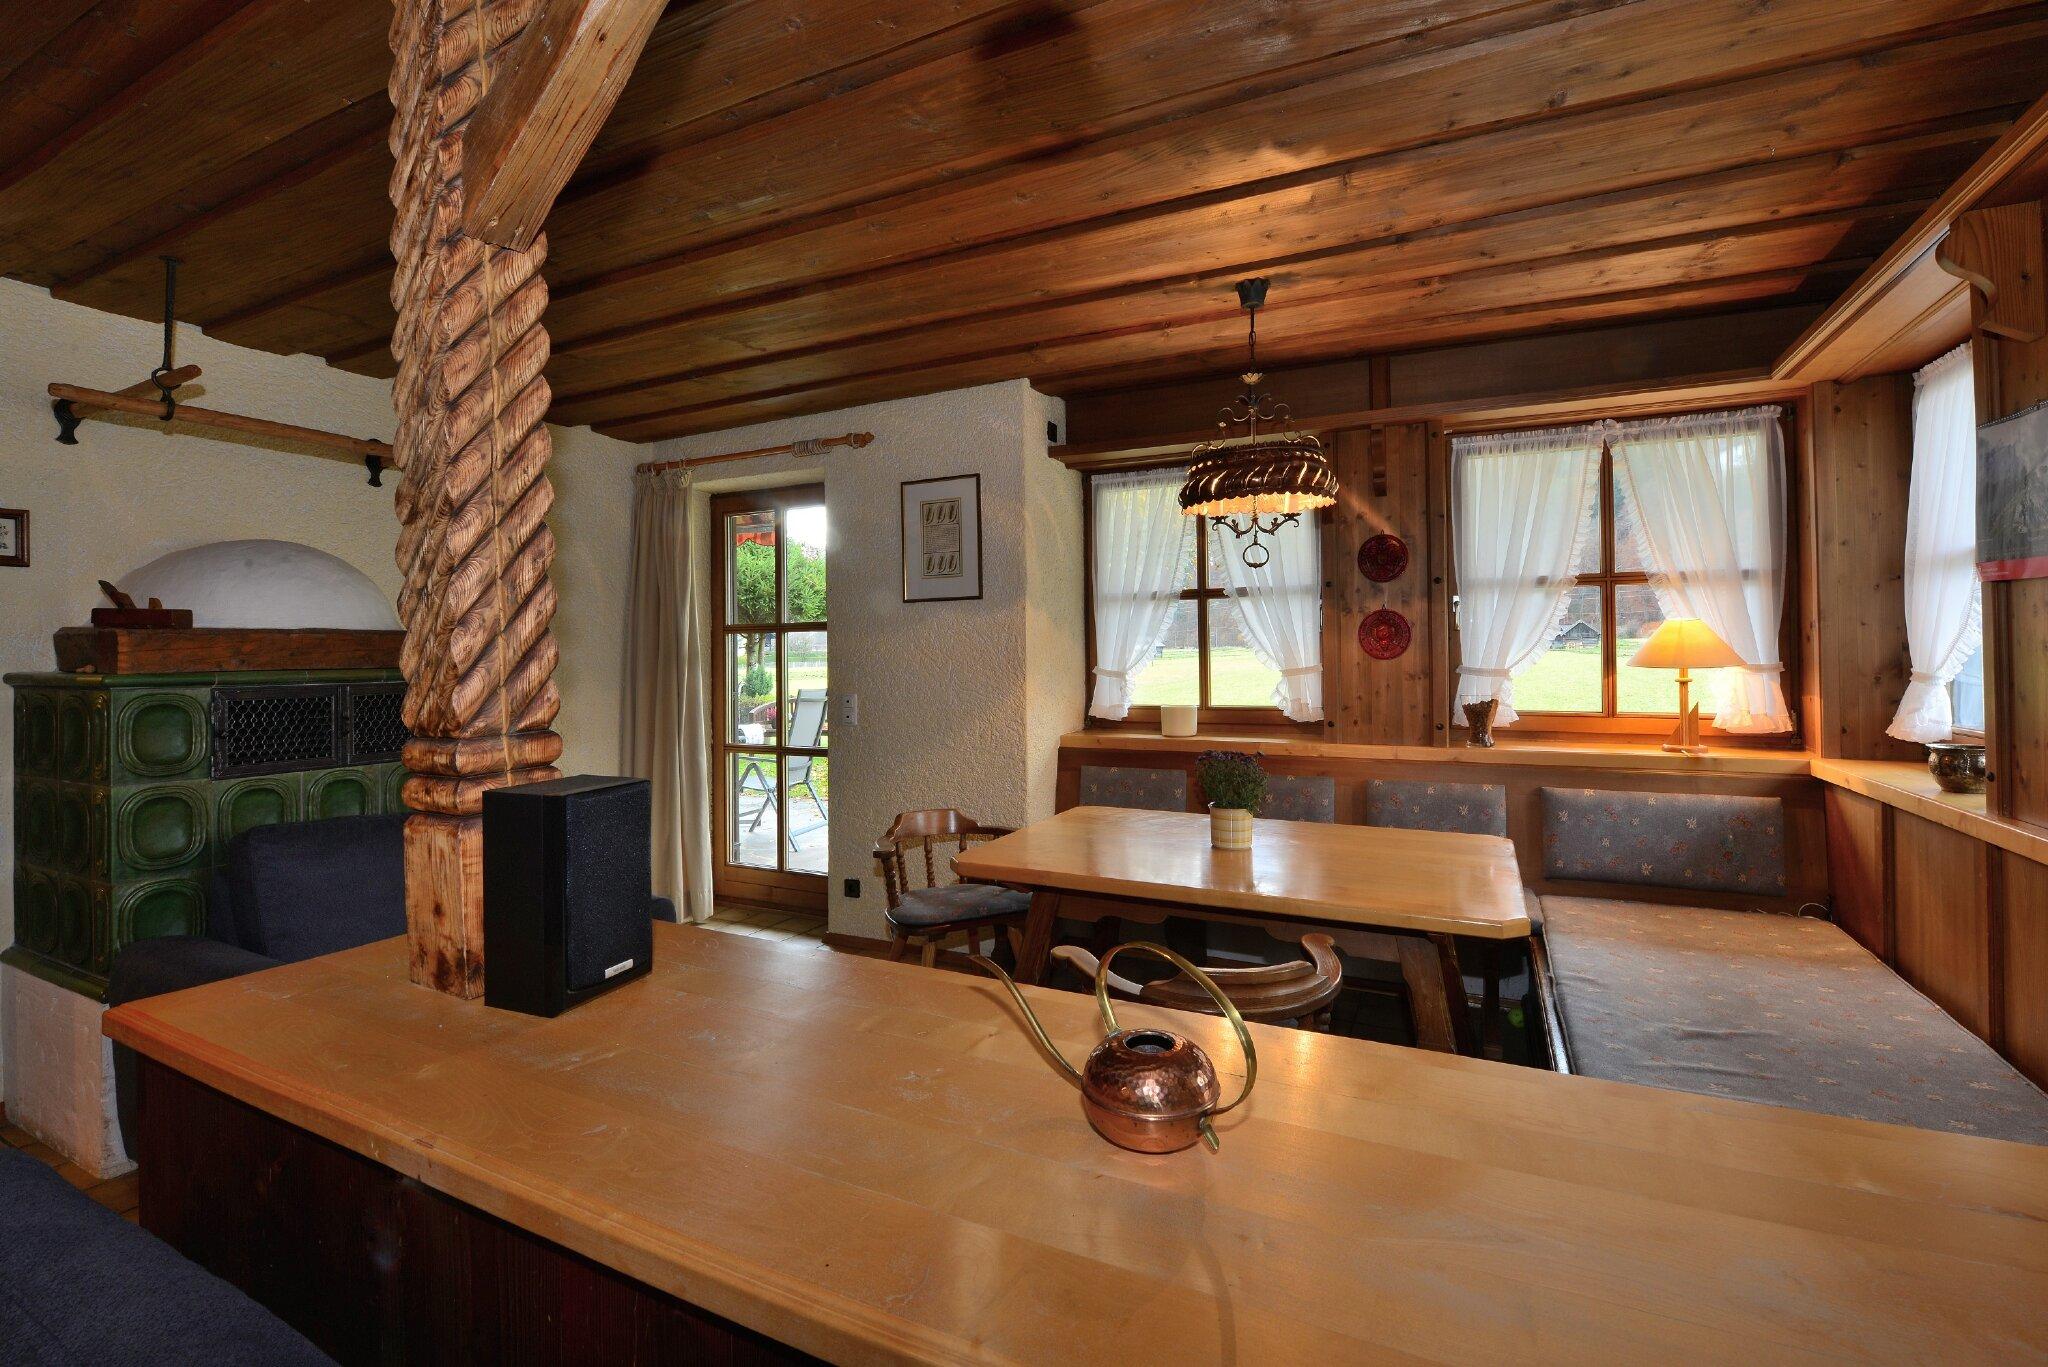 Wohnzimmer mit Sitzecke und Kachelofen